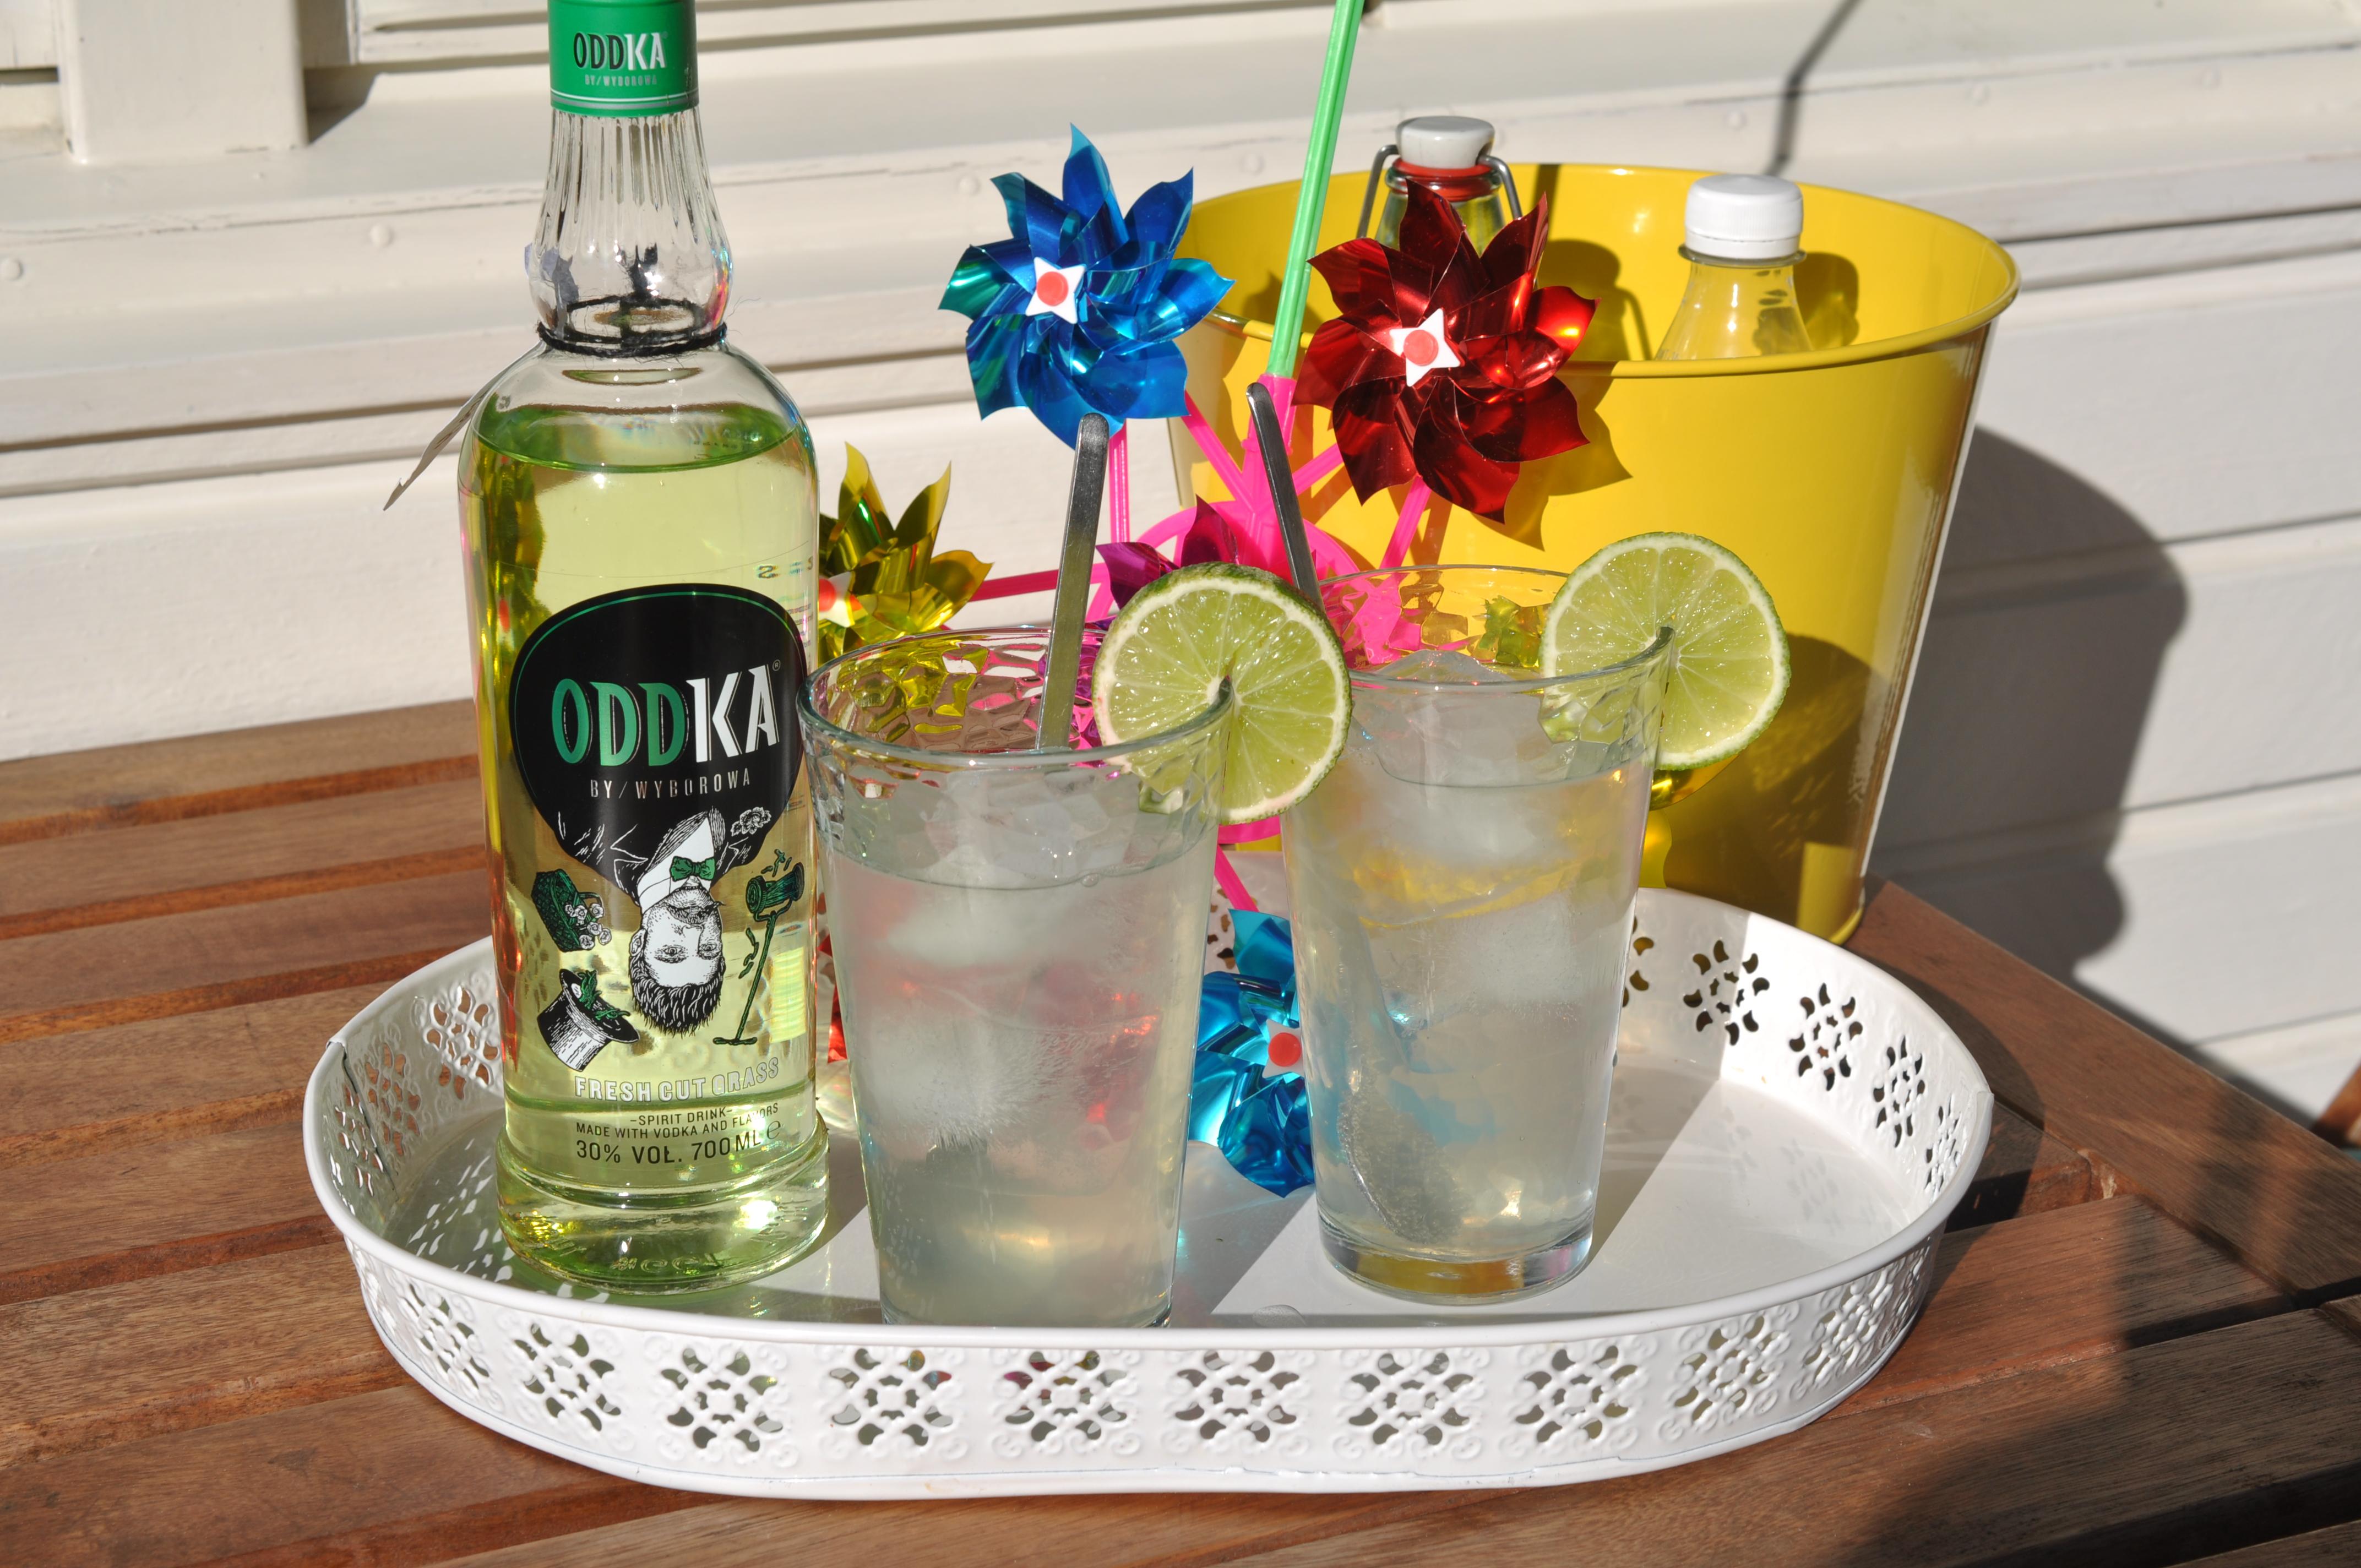 Oddka vodka flower bud